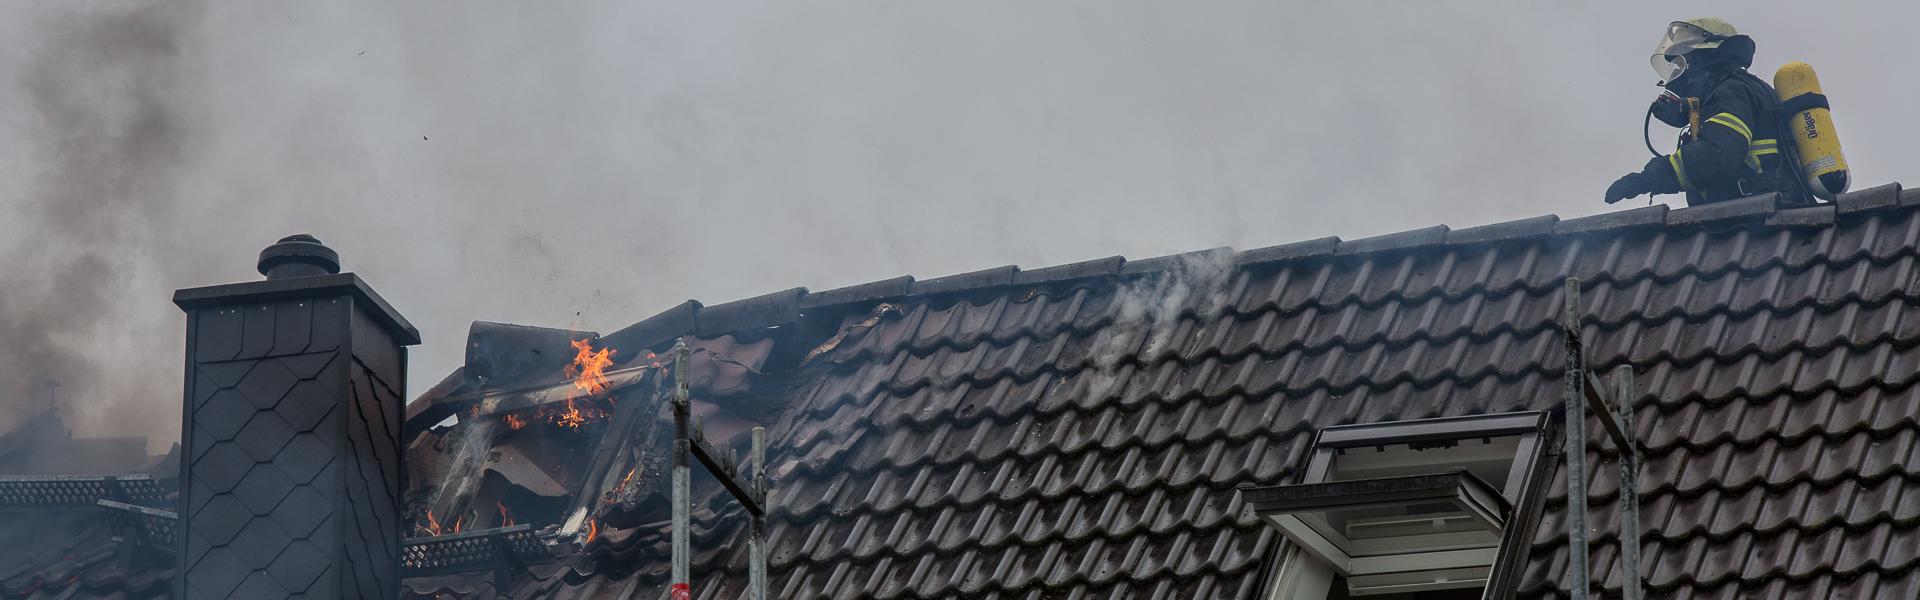 24.05.2017 – Dachstuhlbrand in Hamburg-Wellingsbüttel